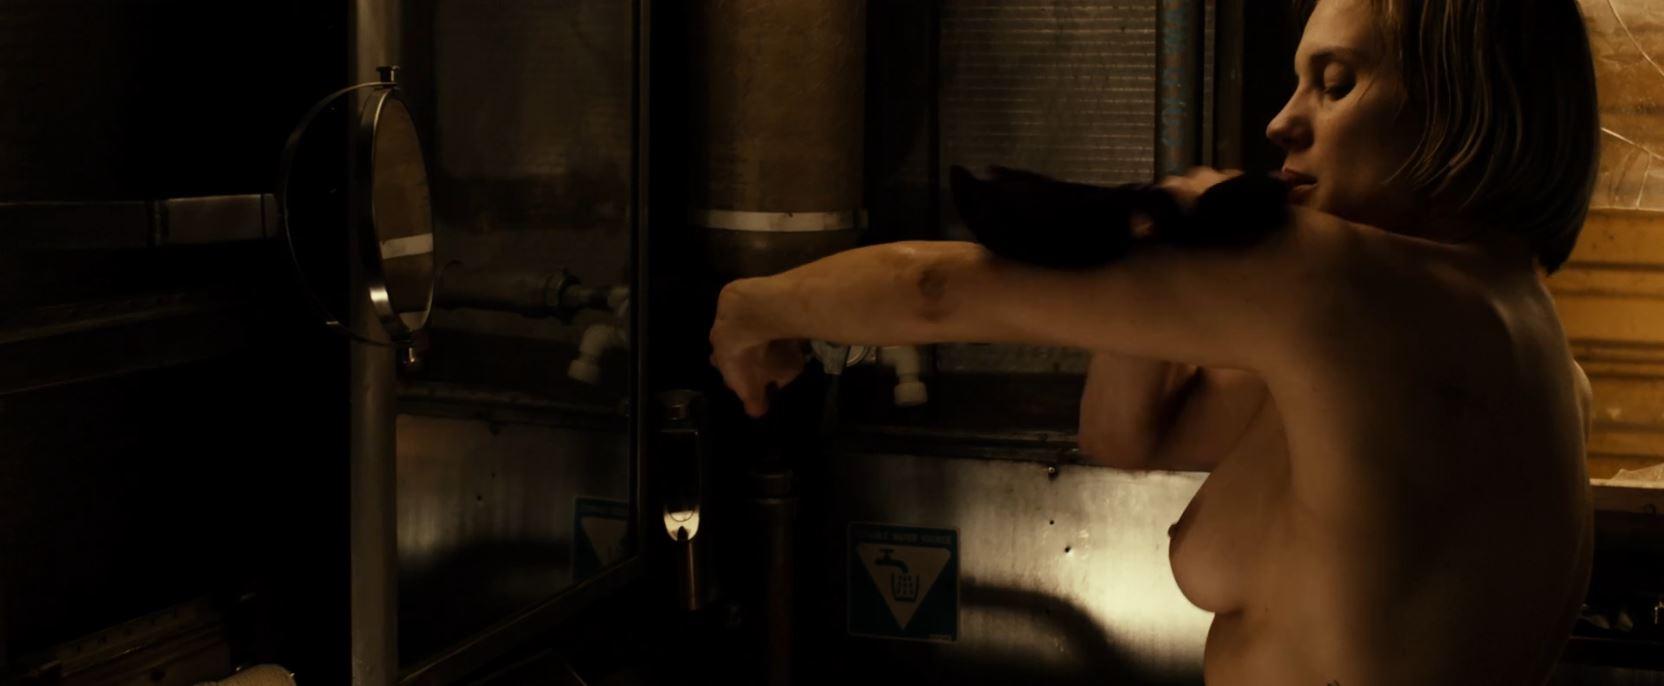 Katee Sackhoff topless in Riddick